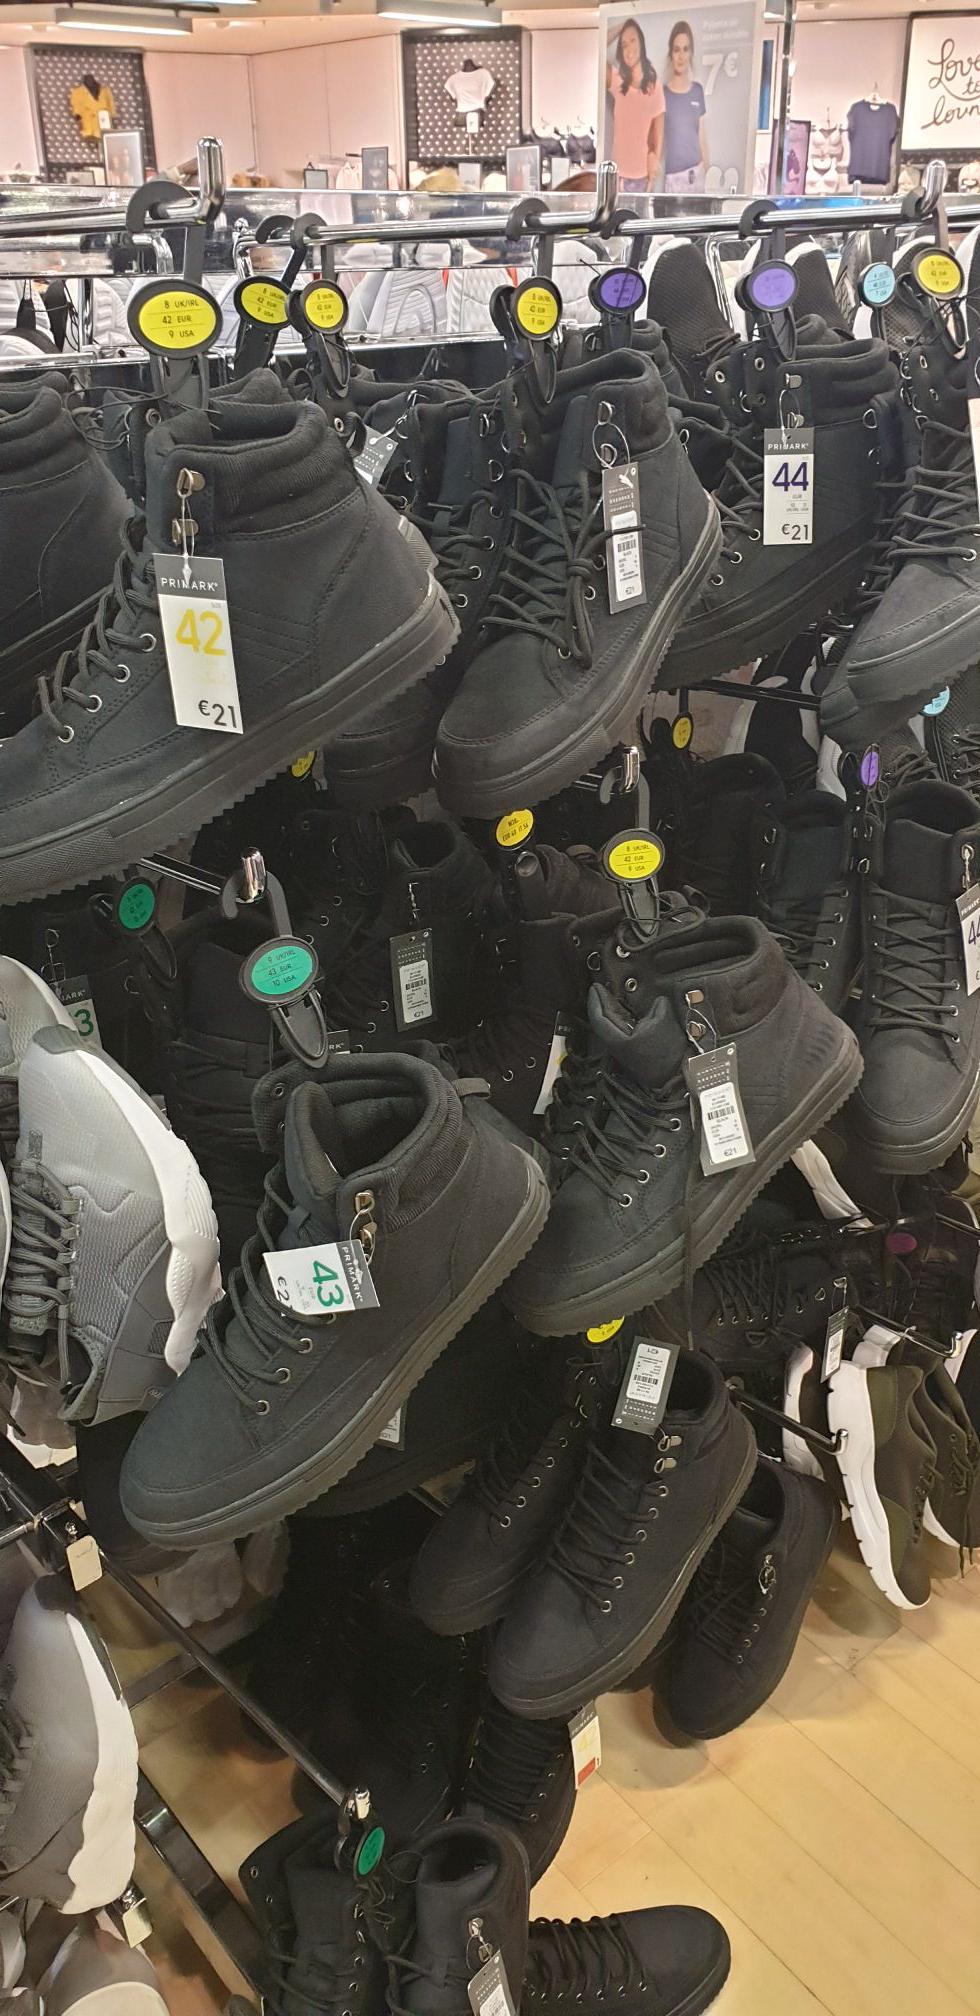 Chaussure homme noire - Primark de Aulnay-sous-Bois (93)